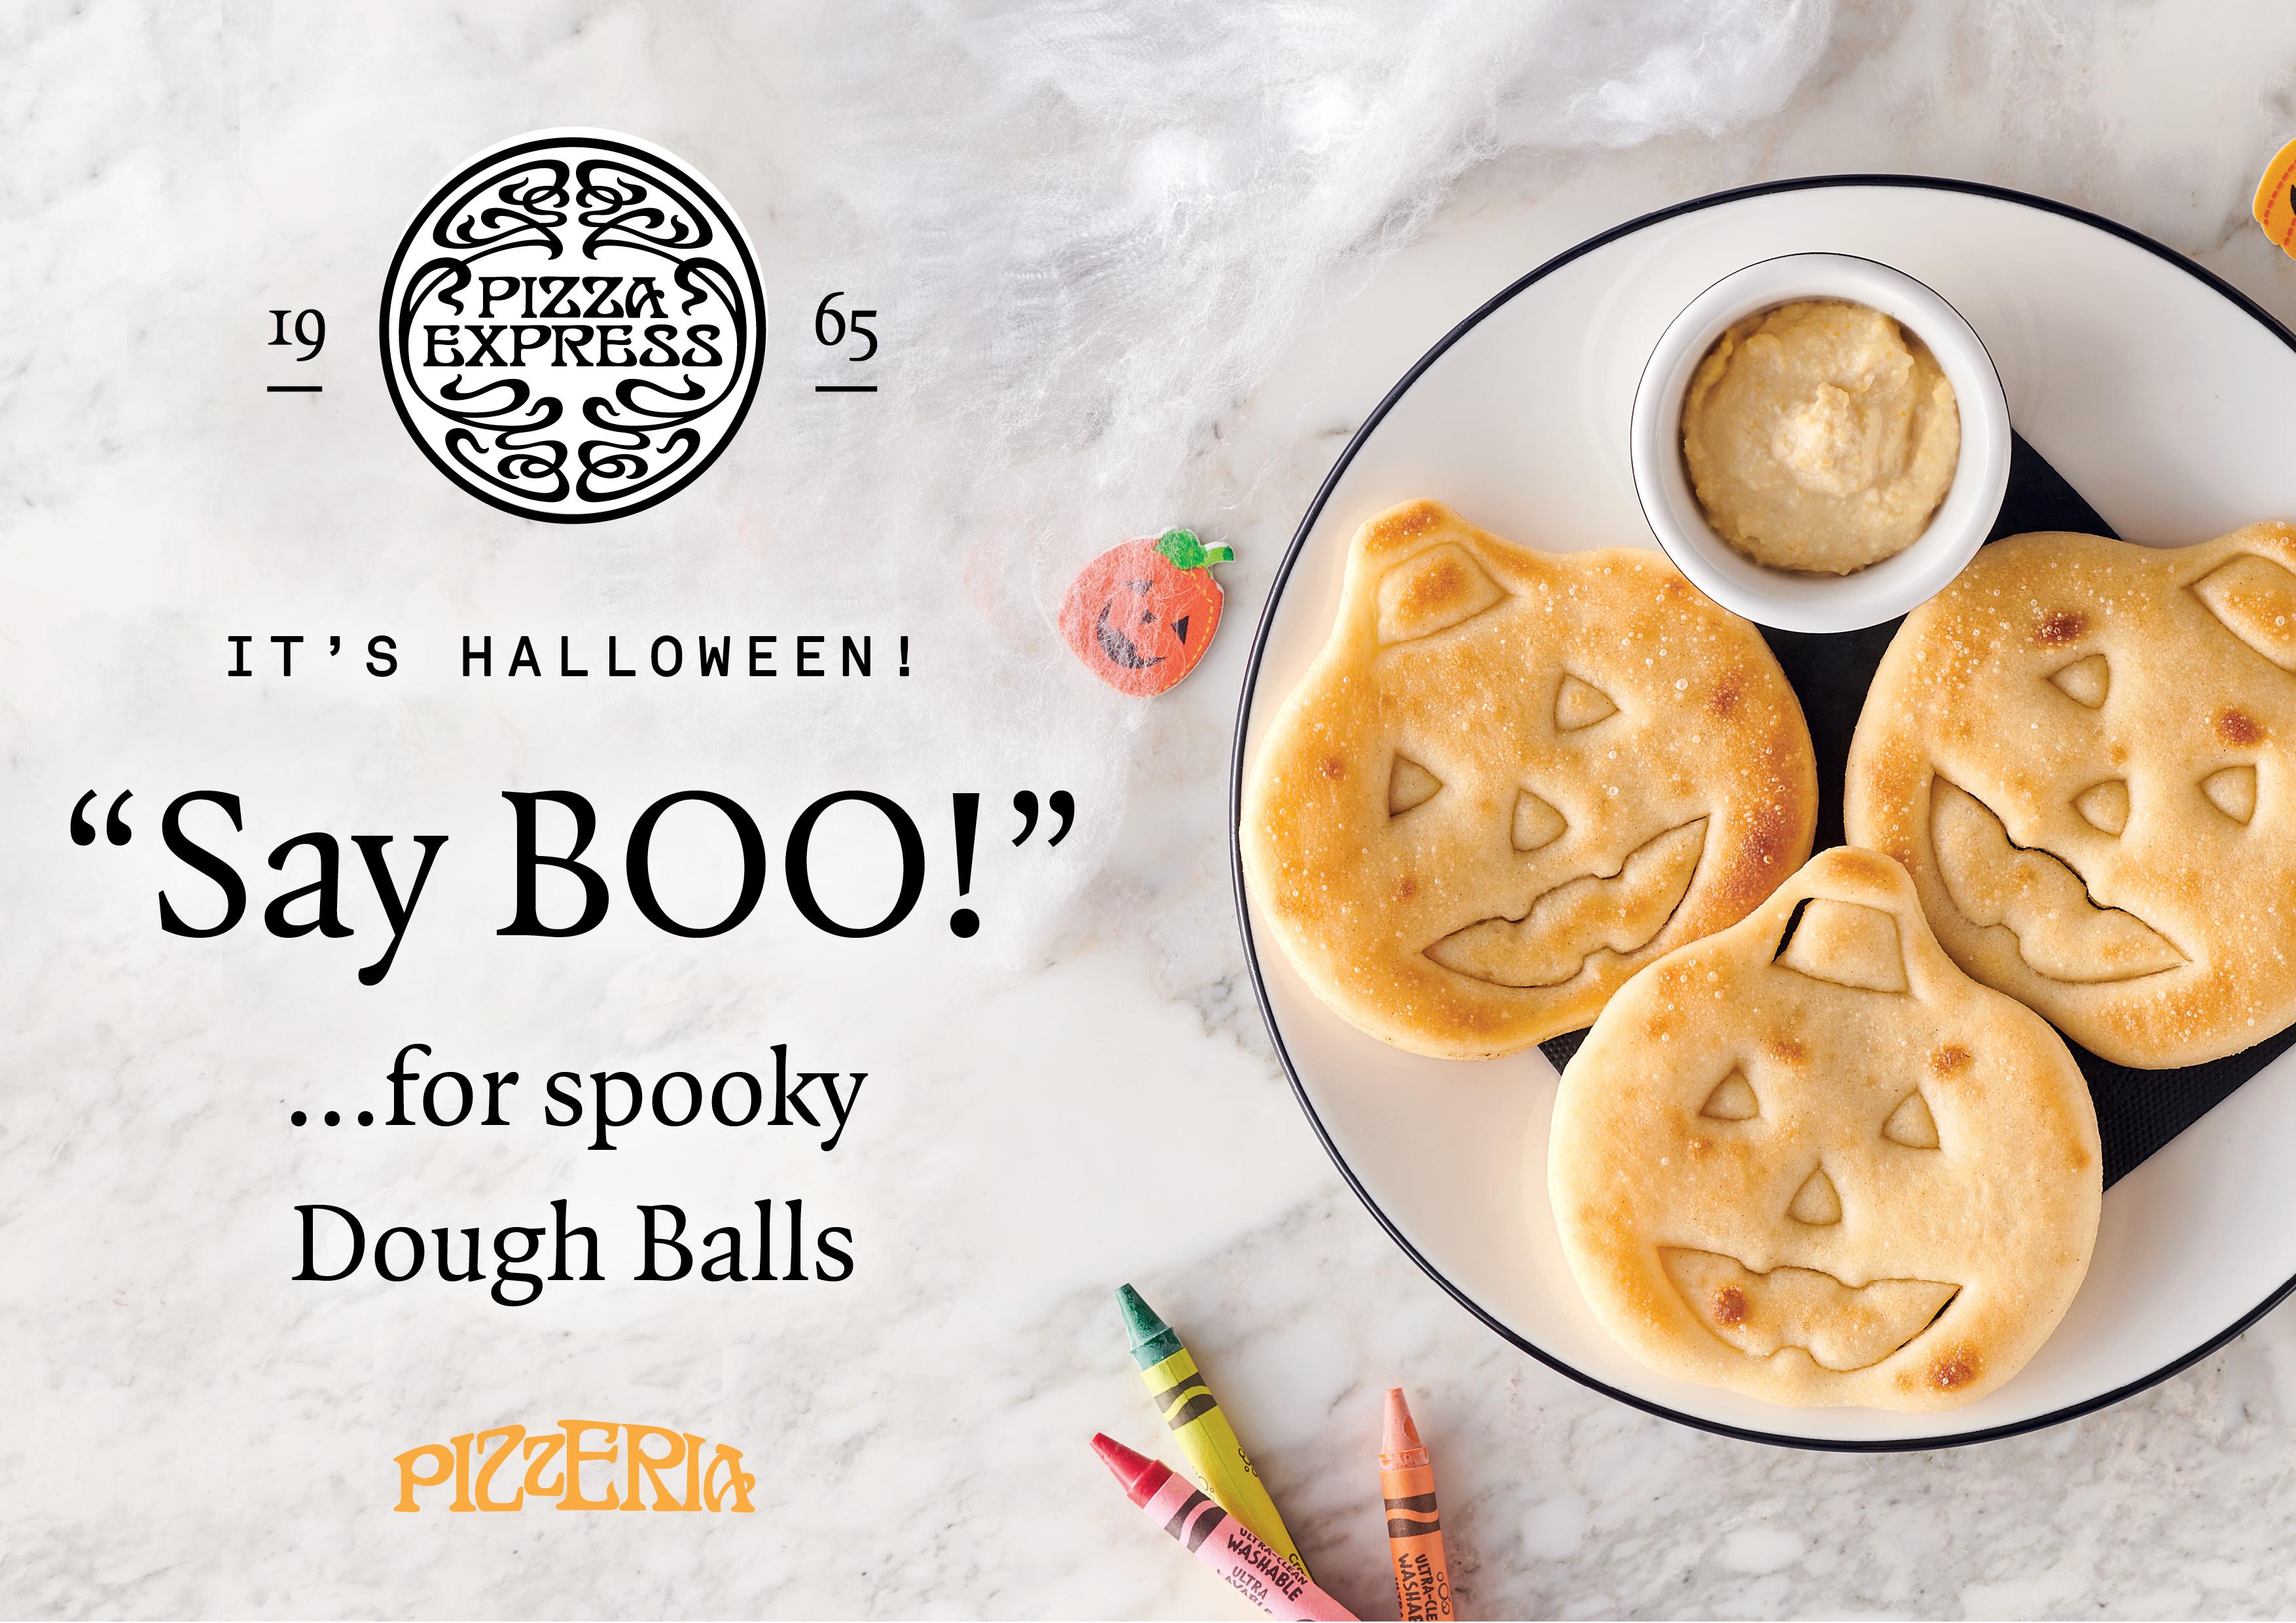 Spooky doughballs